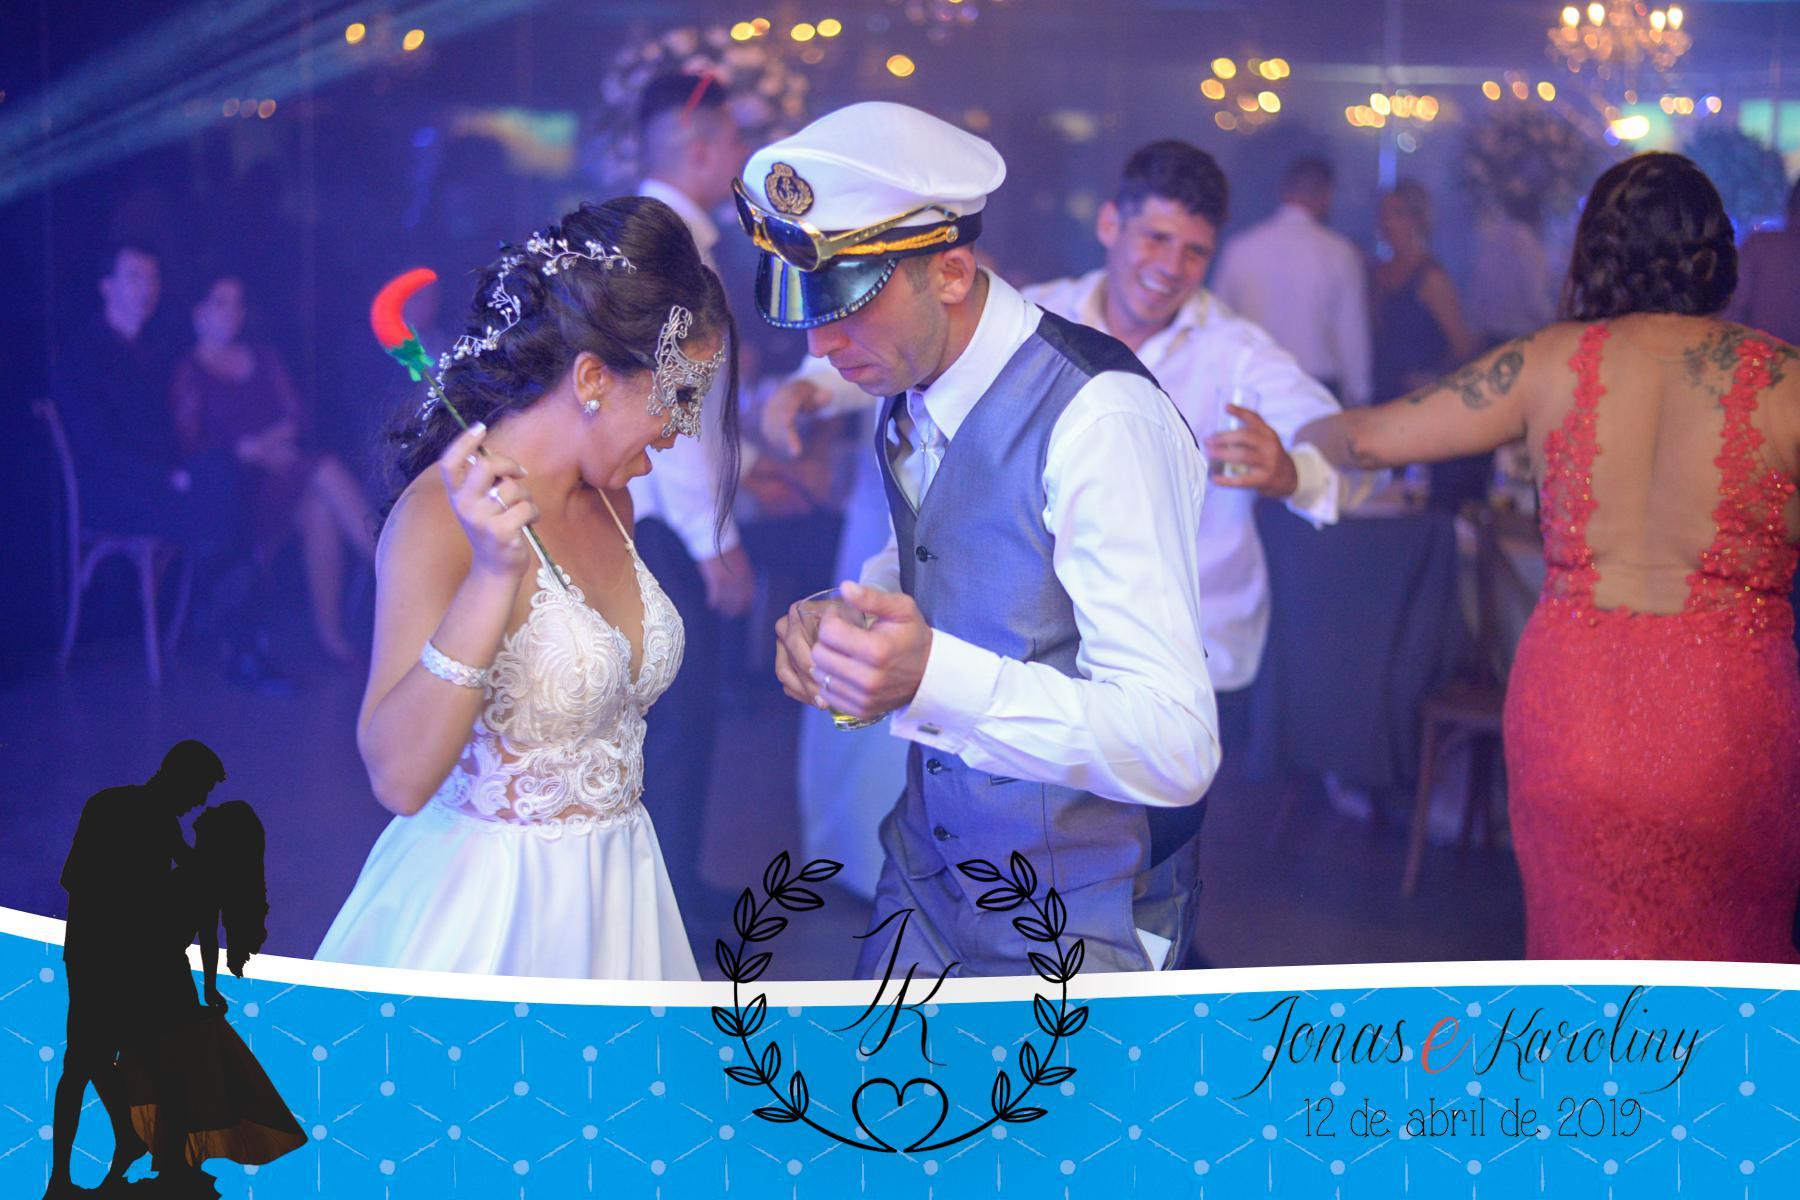 Casamento Jonas e Karoliny